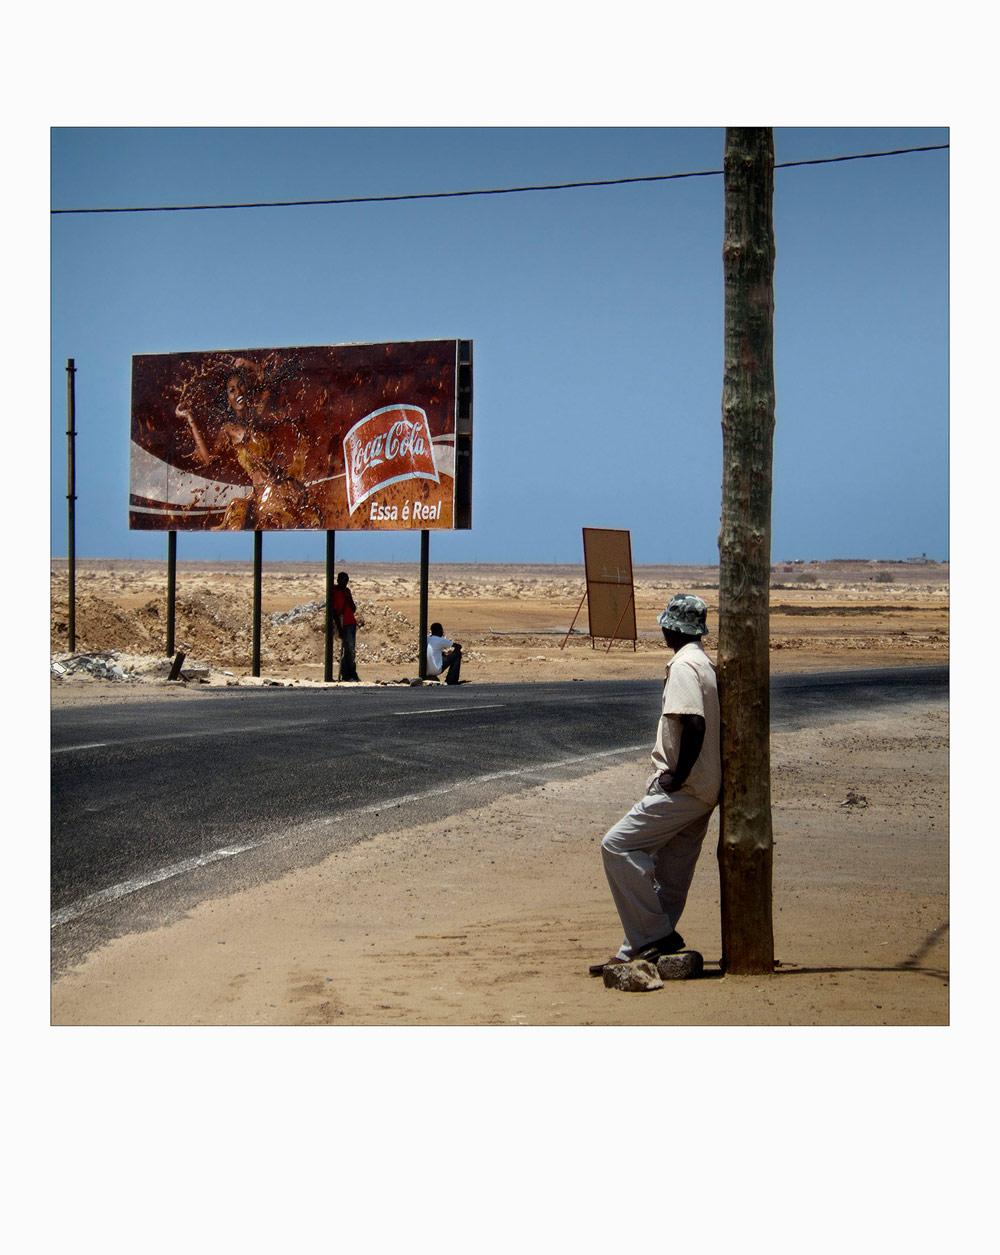 © Мануэль Муньос, Победитель I премии Халона Анхеля 2015 года в жанре «Путешествие», Конкурс фотографий Халона Анхеля — Jalon Angel Photography Awards